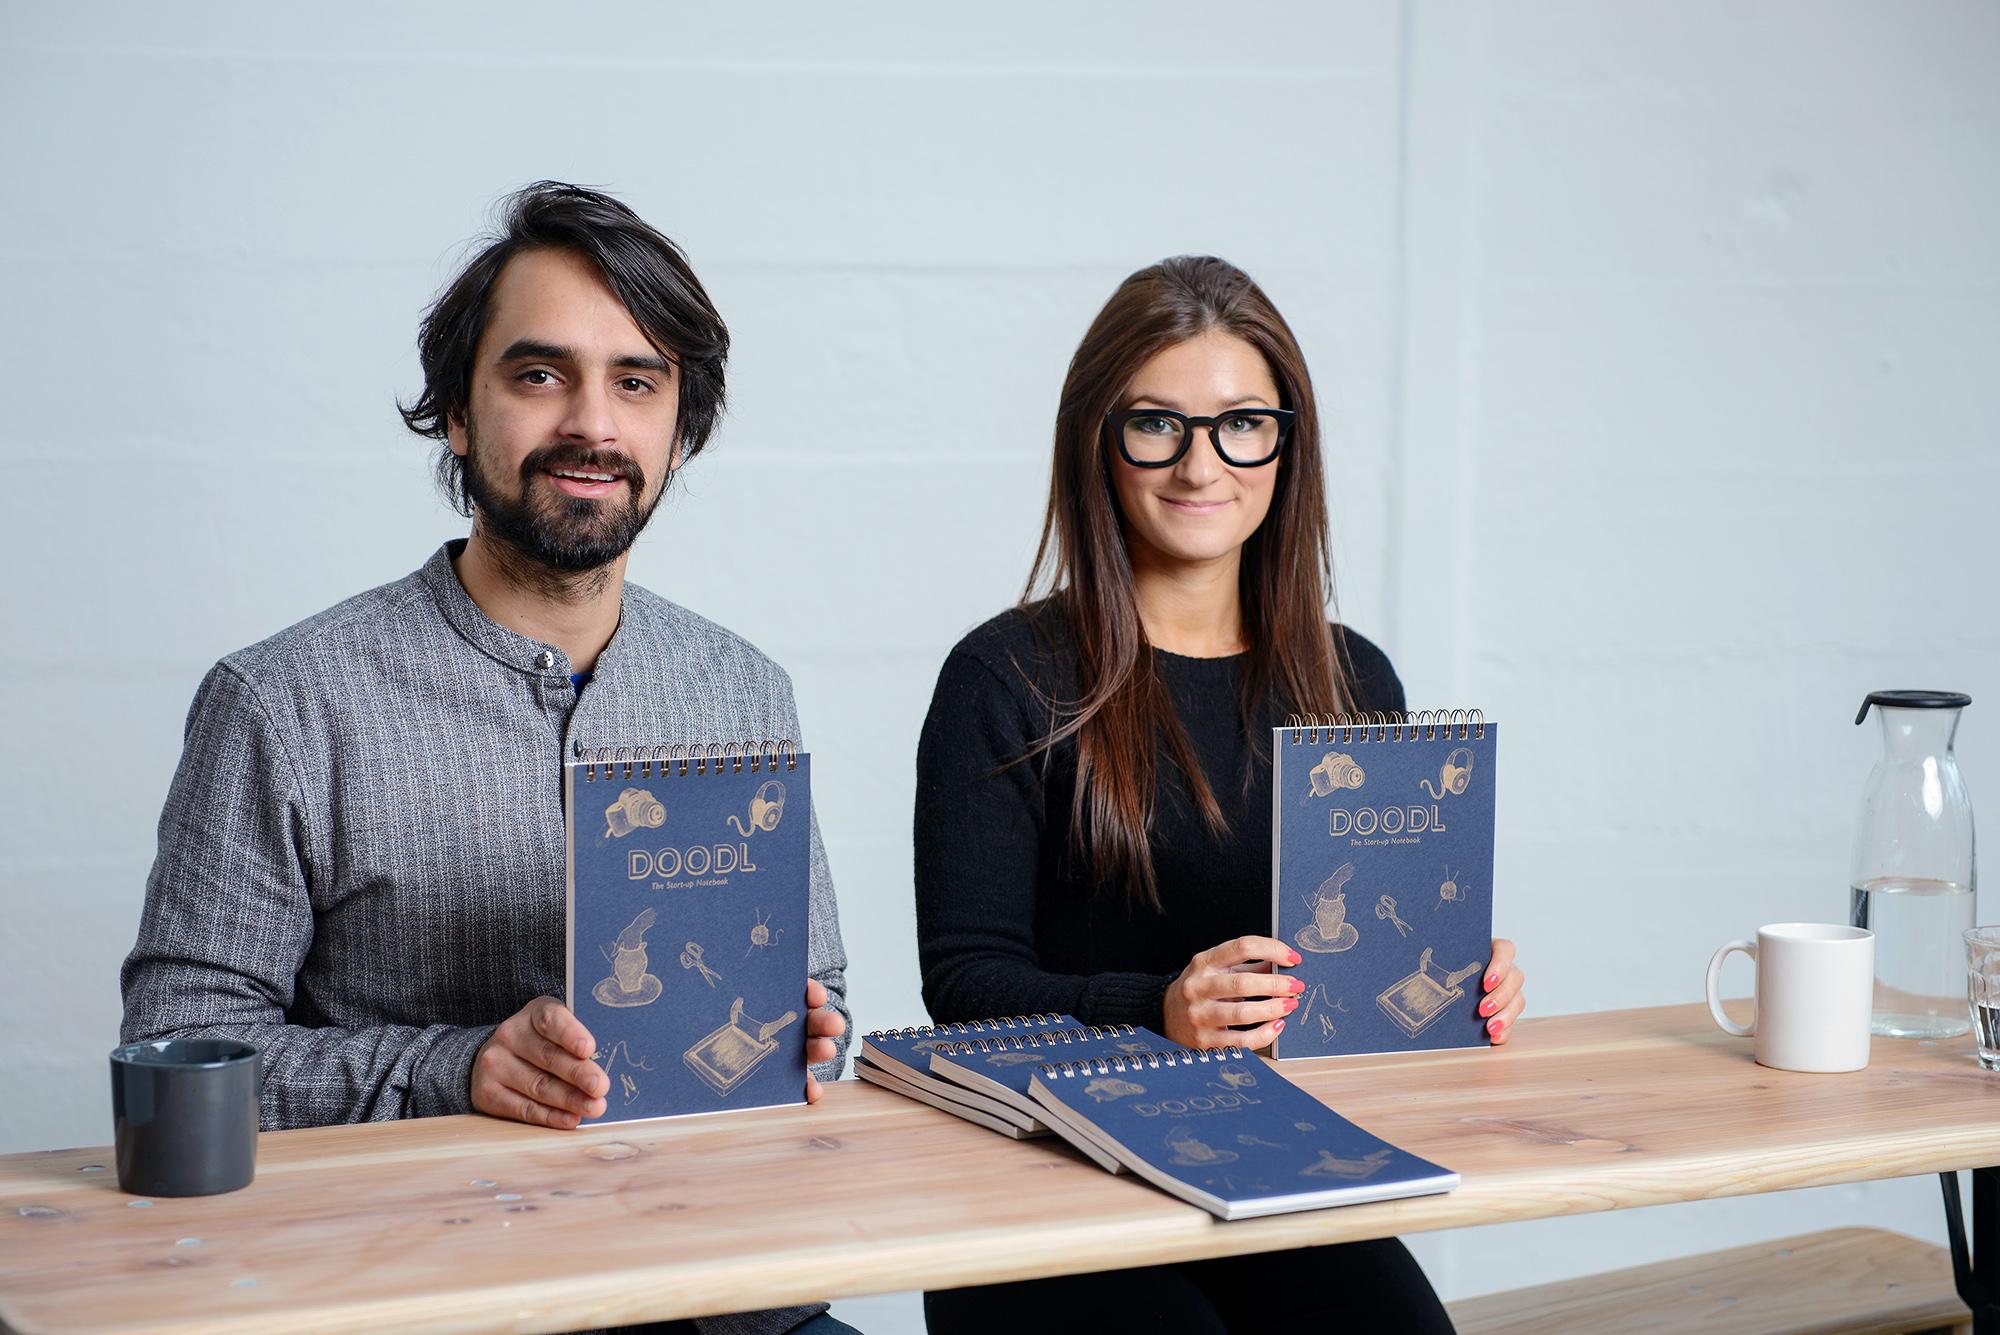 doodl-notebook-for-startups-rcf-10.jpg